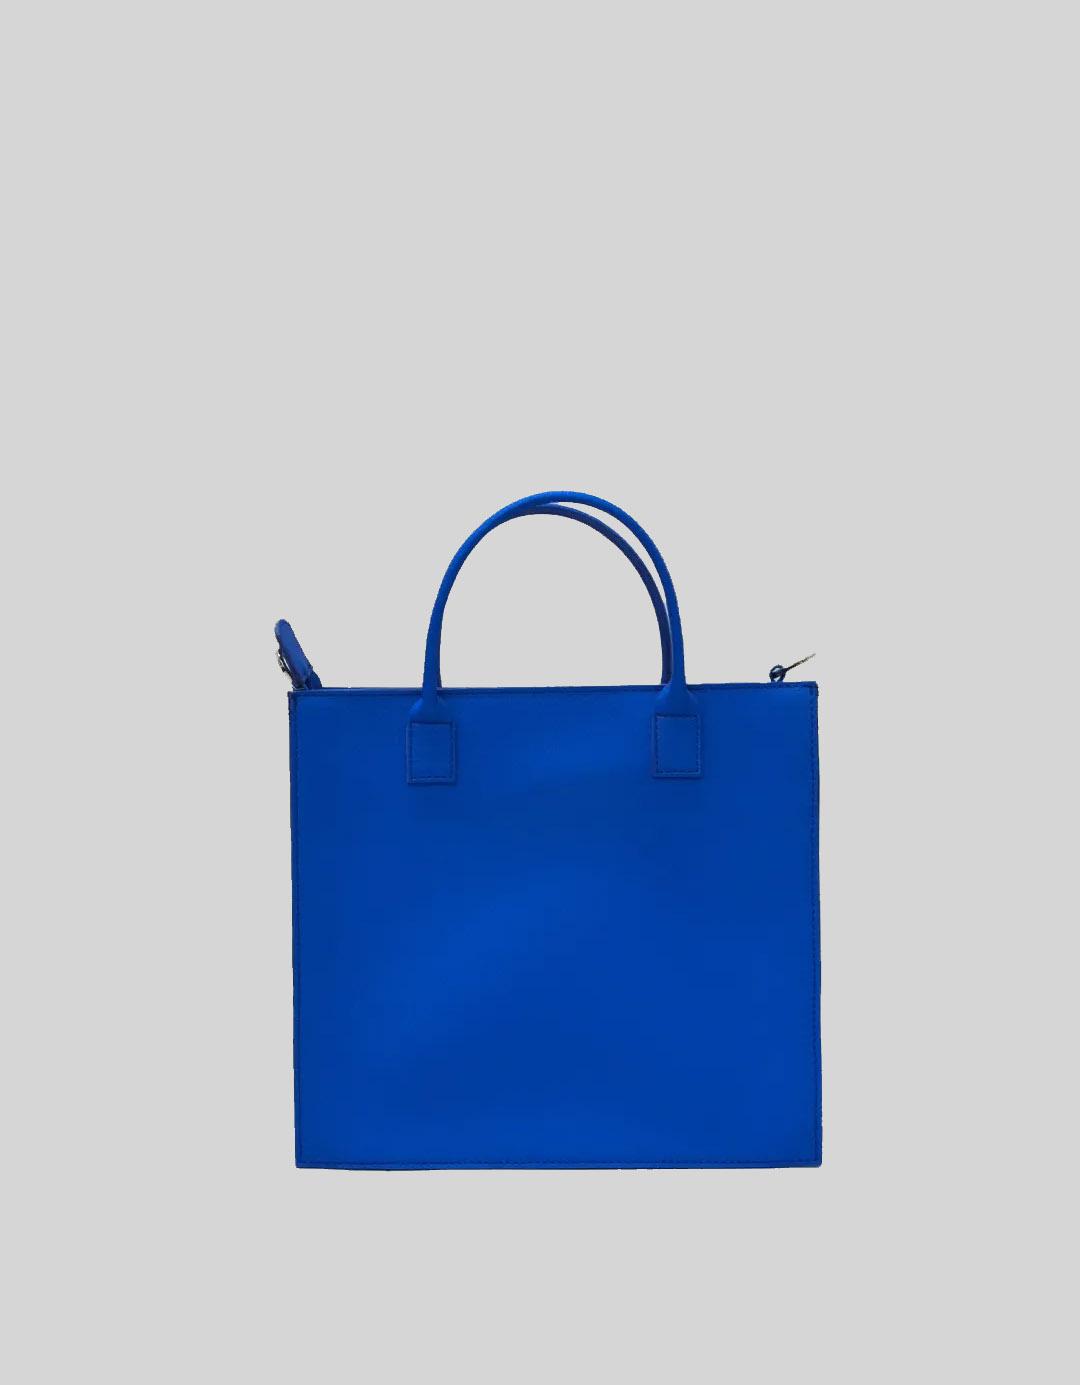 Mini Bolsa Shoulder Bag de Mão Customizada Exclusiva Letícia Lixo Nobre Azul